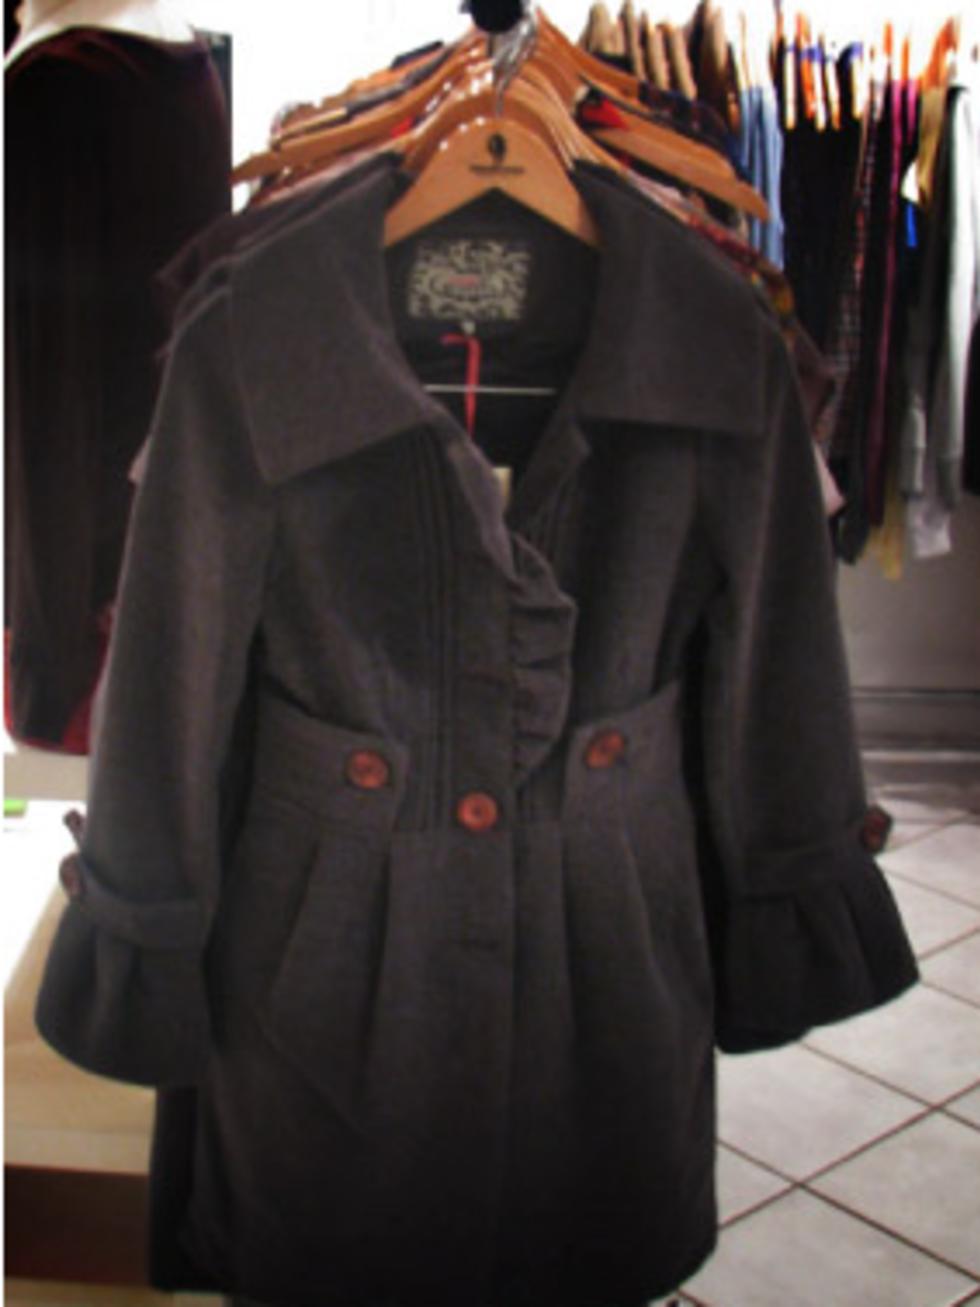 Austin Photo: Places_shopping_creatures_boutique_coats